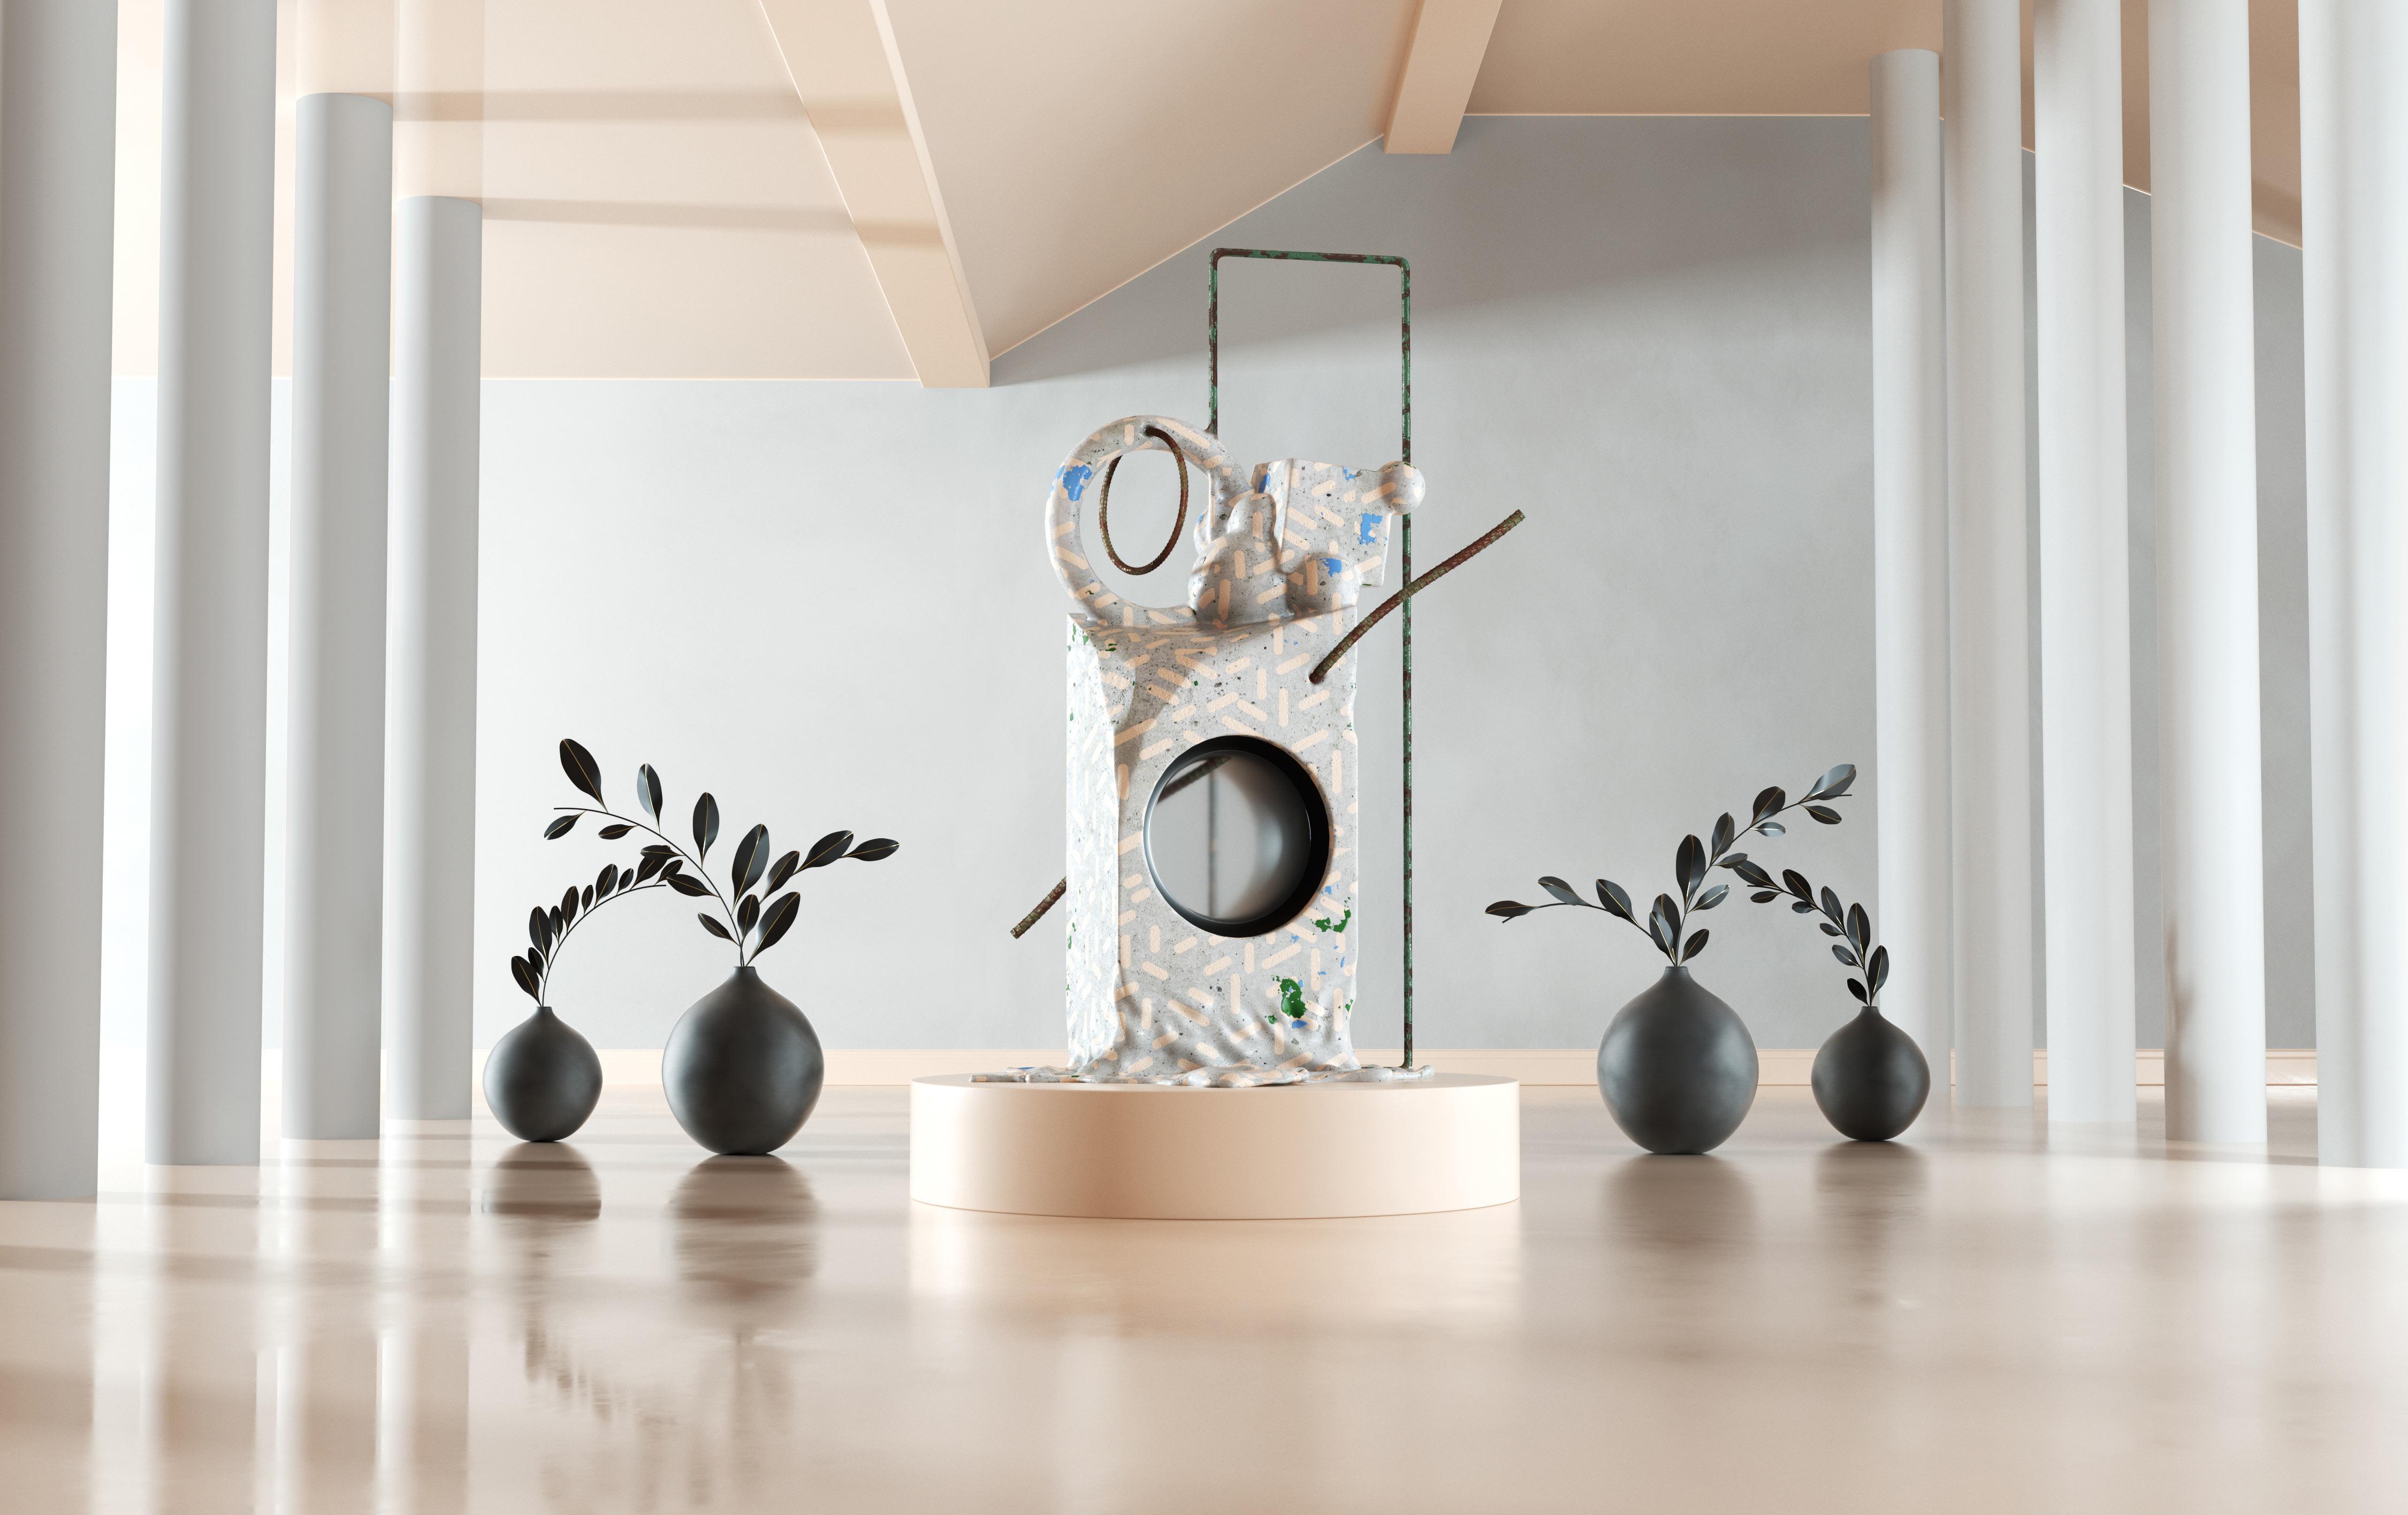 Sculpture_Final